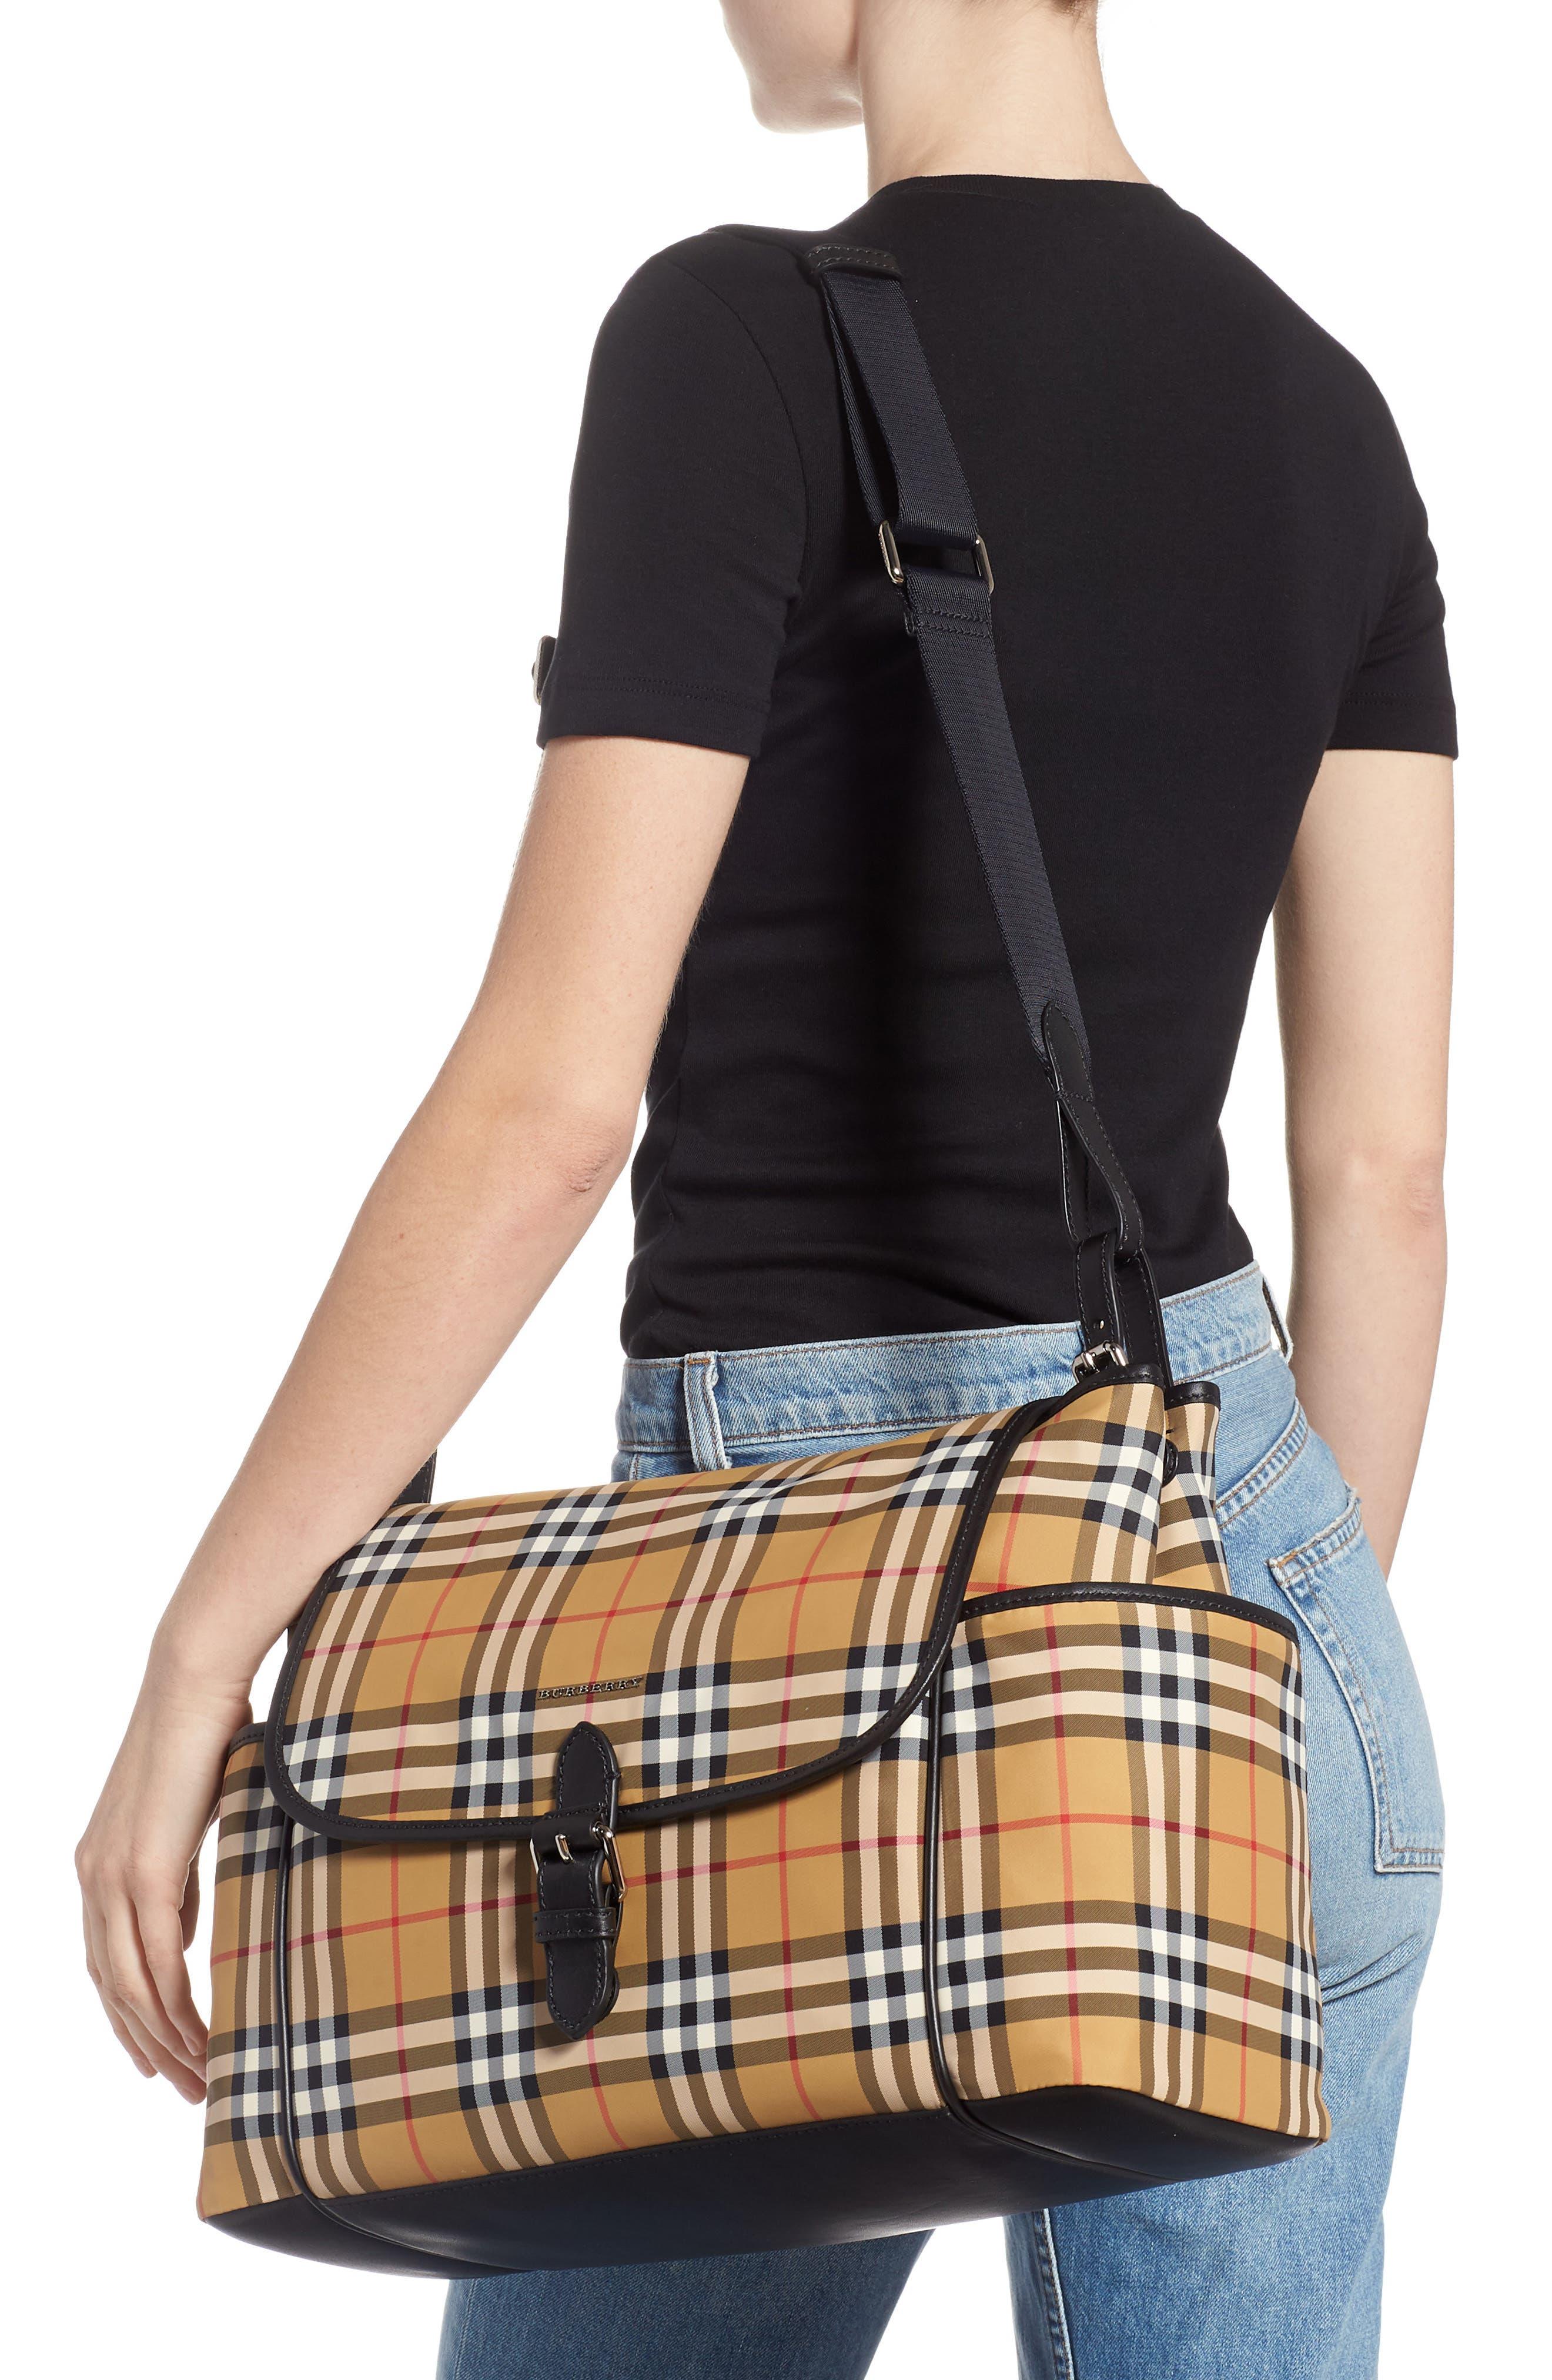 Flap Diaper Bag,                             Alternate thumbnail 2, color,                             ANTIQUE YELLOW/ BLCK